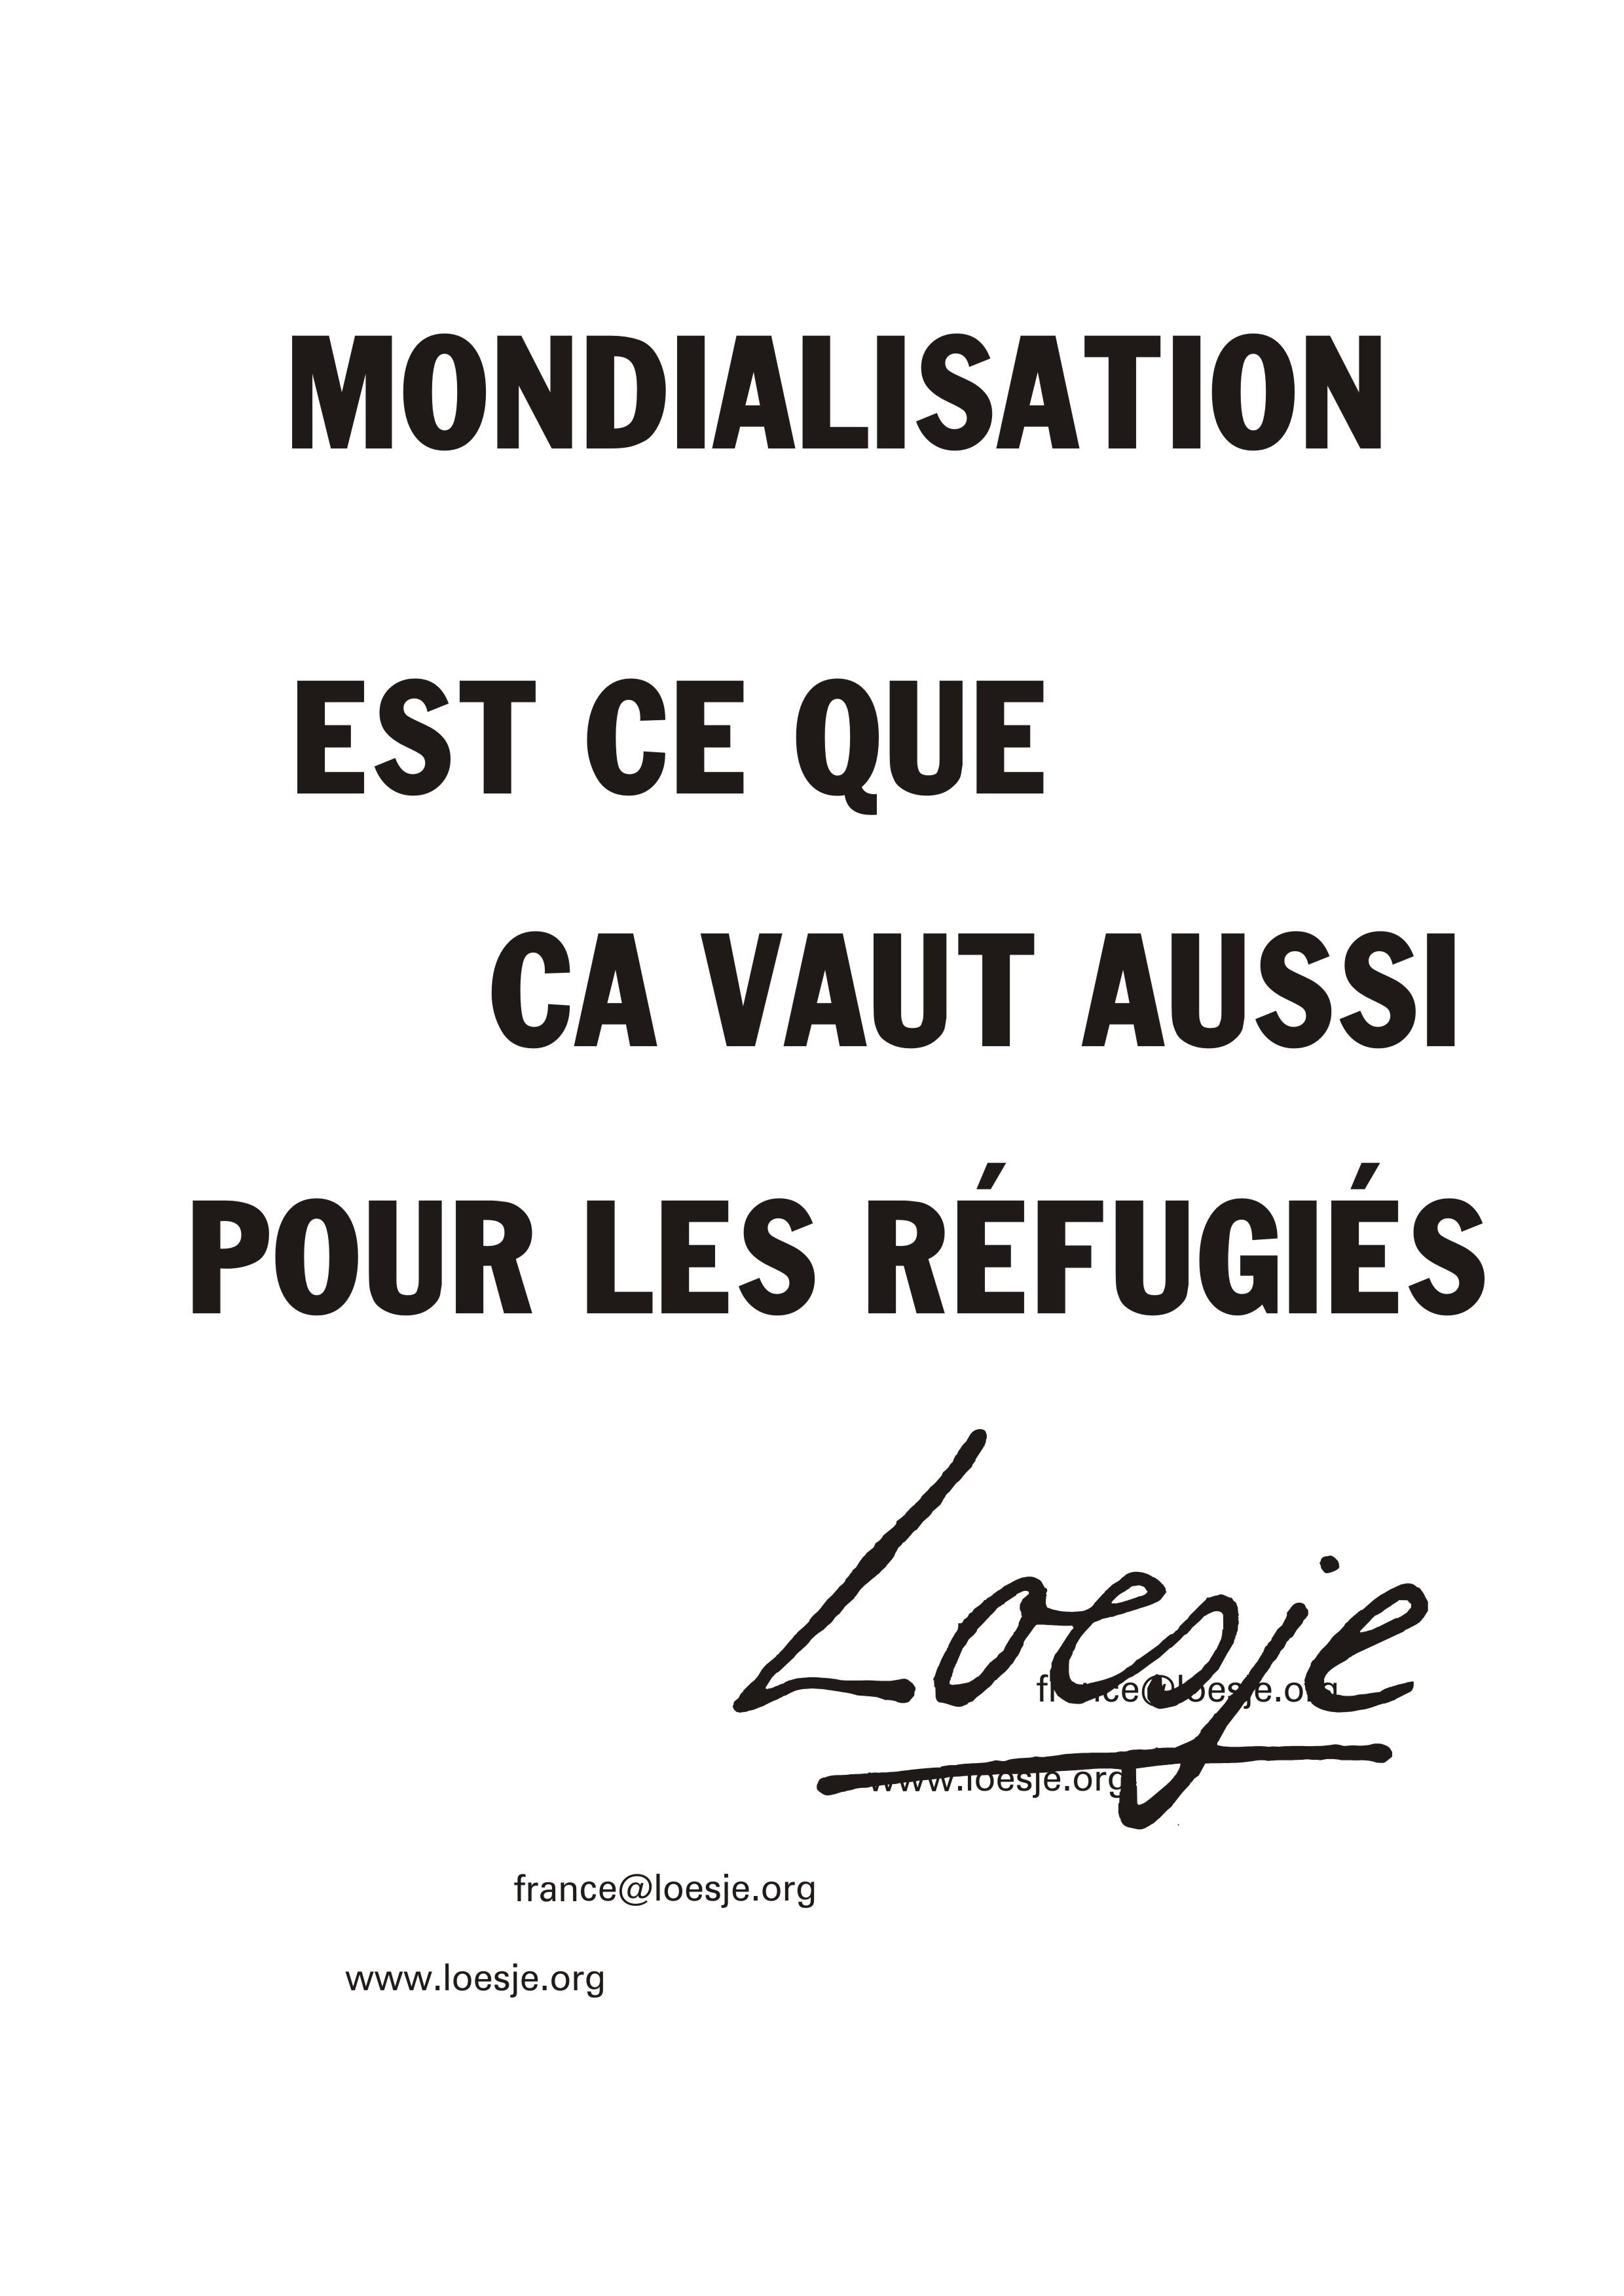 12- Mondialisation Ext ce que ca vaut aussi pour les réfugiés.